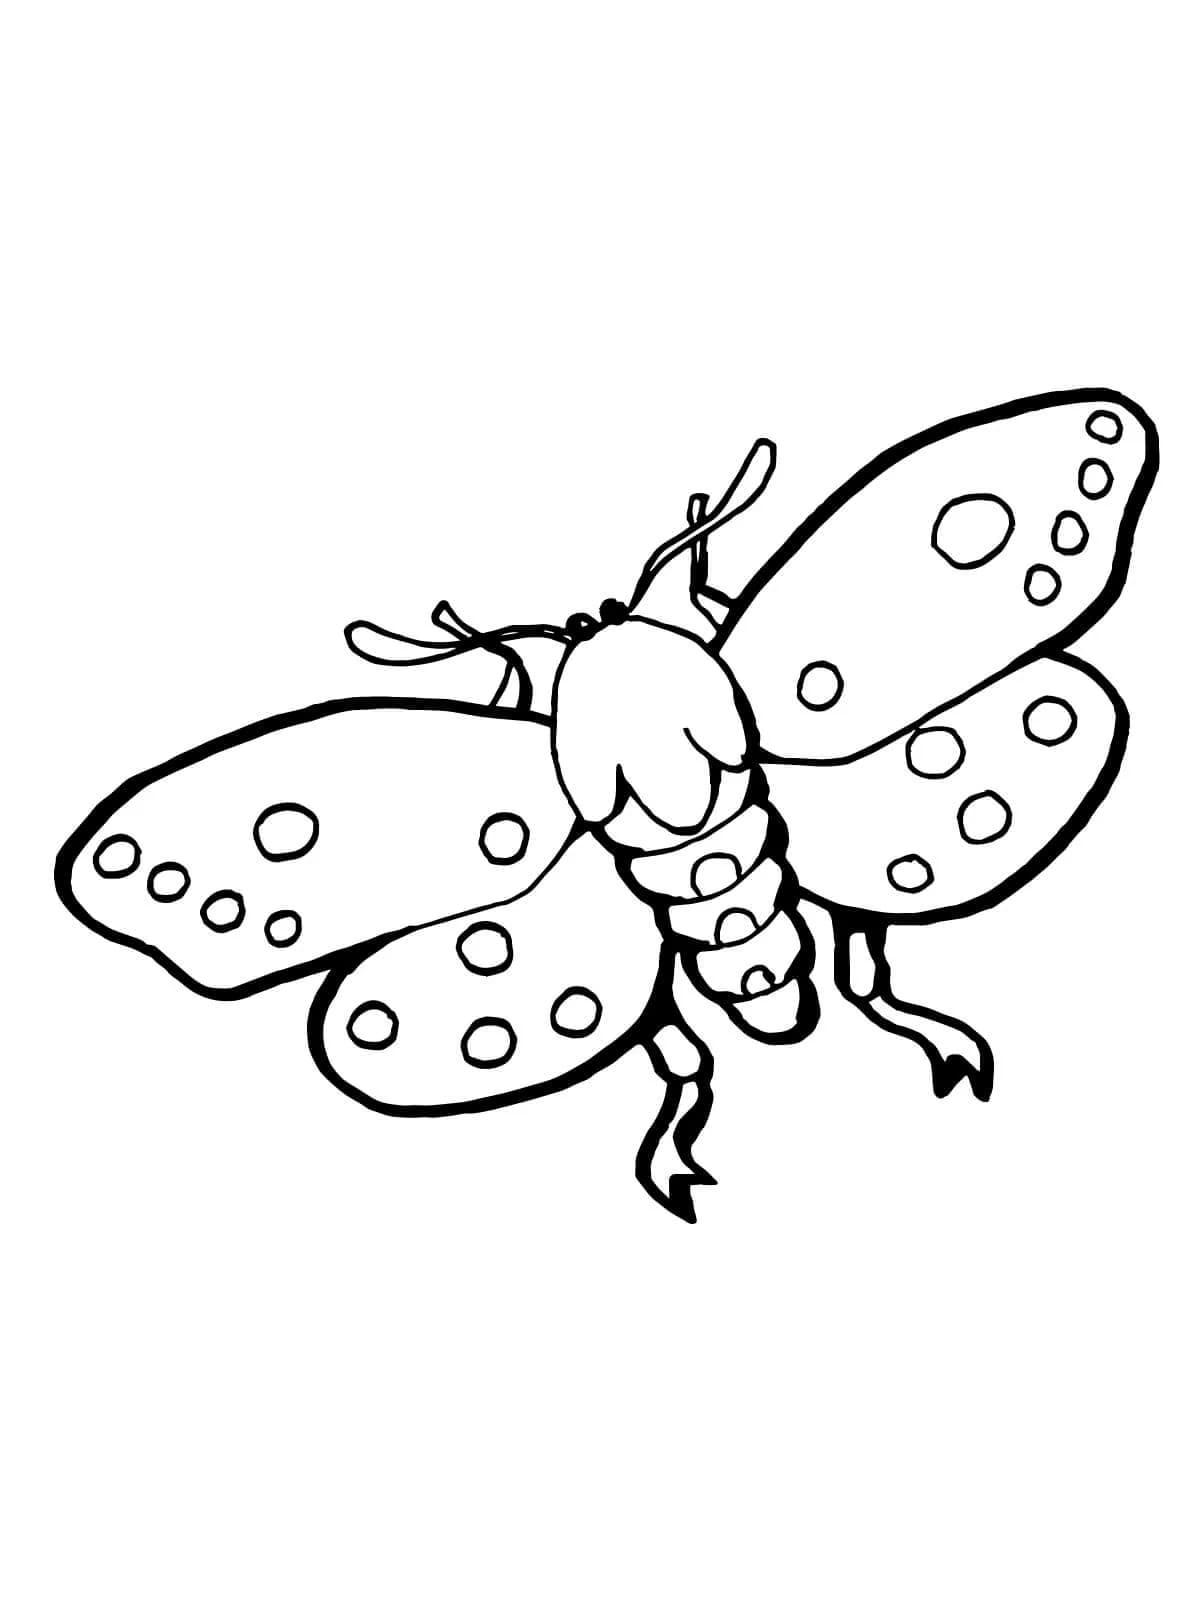 Раскраски насекомых для детей. Распечатайте бесплатно!